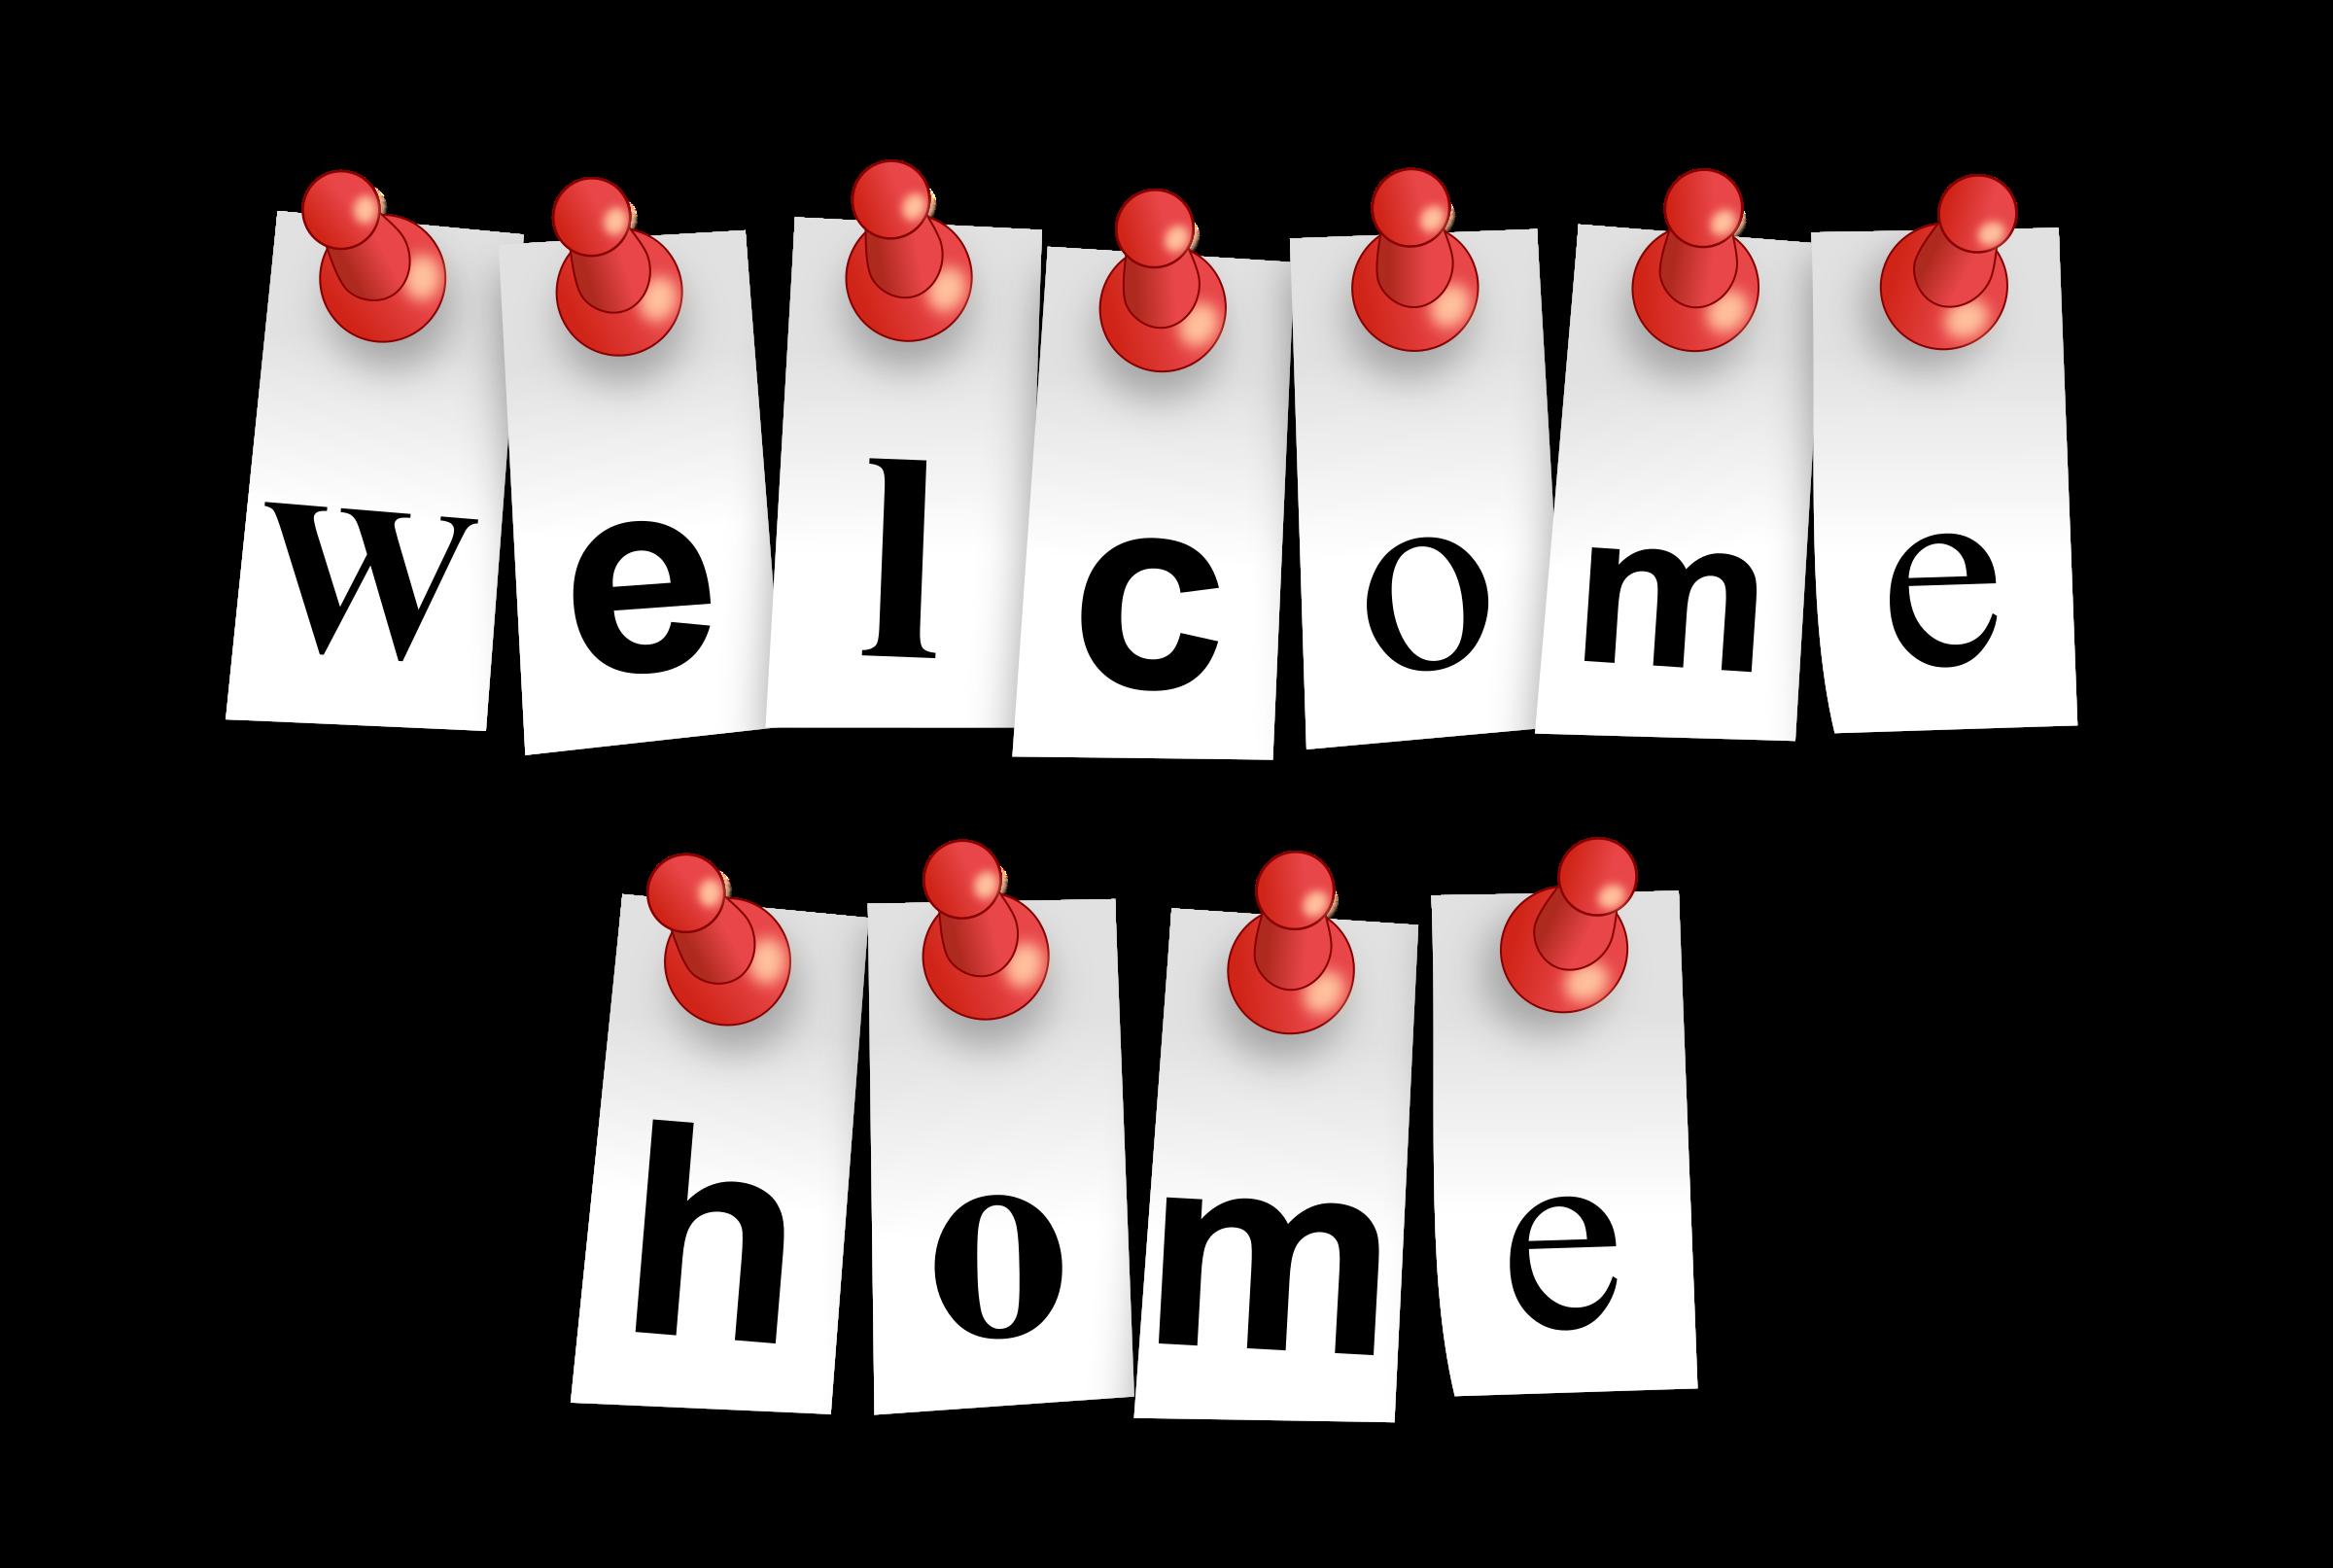 Website clipart welcome home sign. Karibu nyumbani oak tree